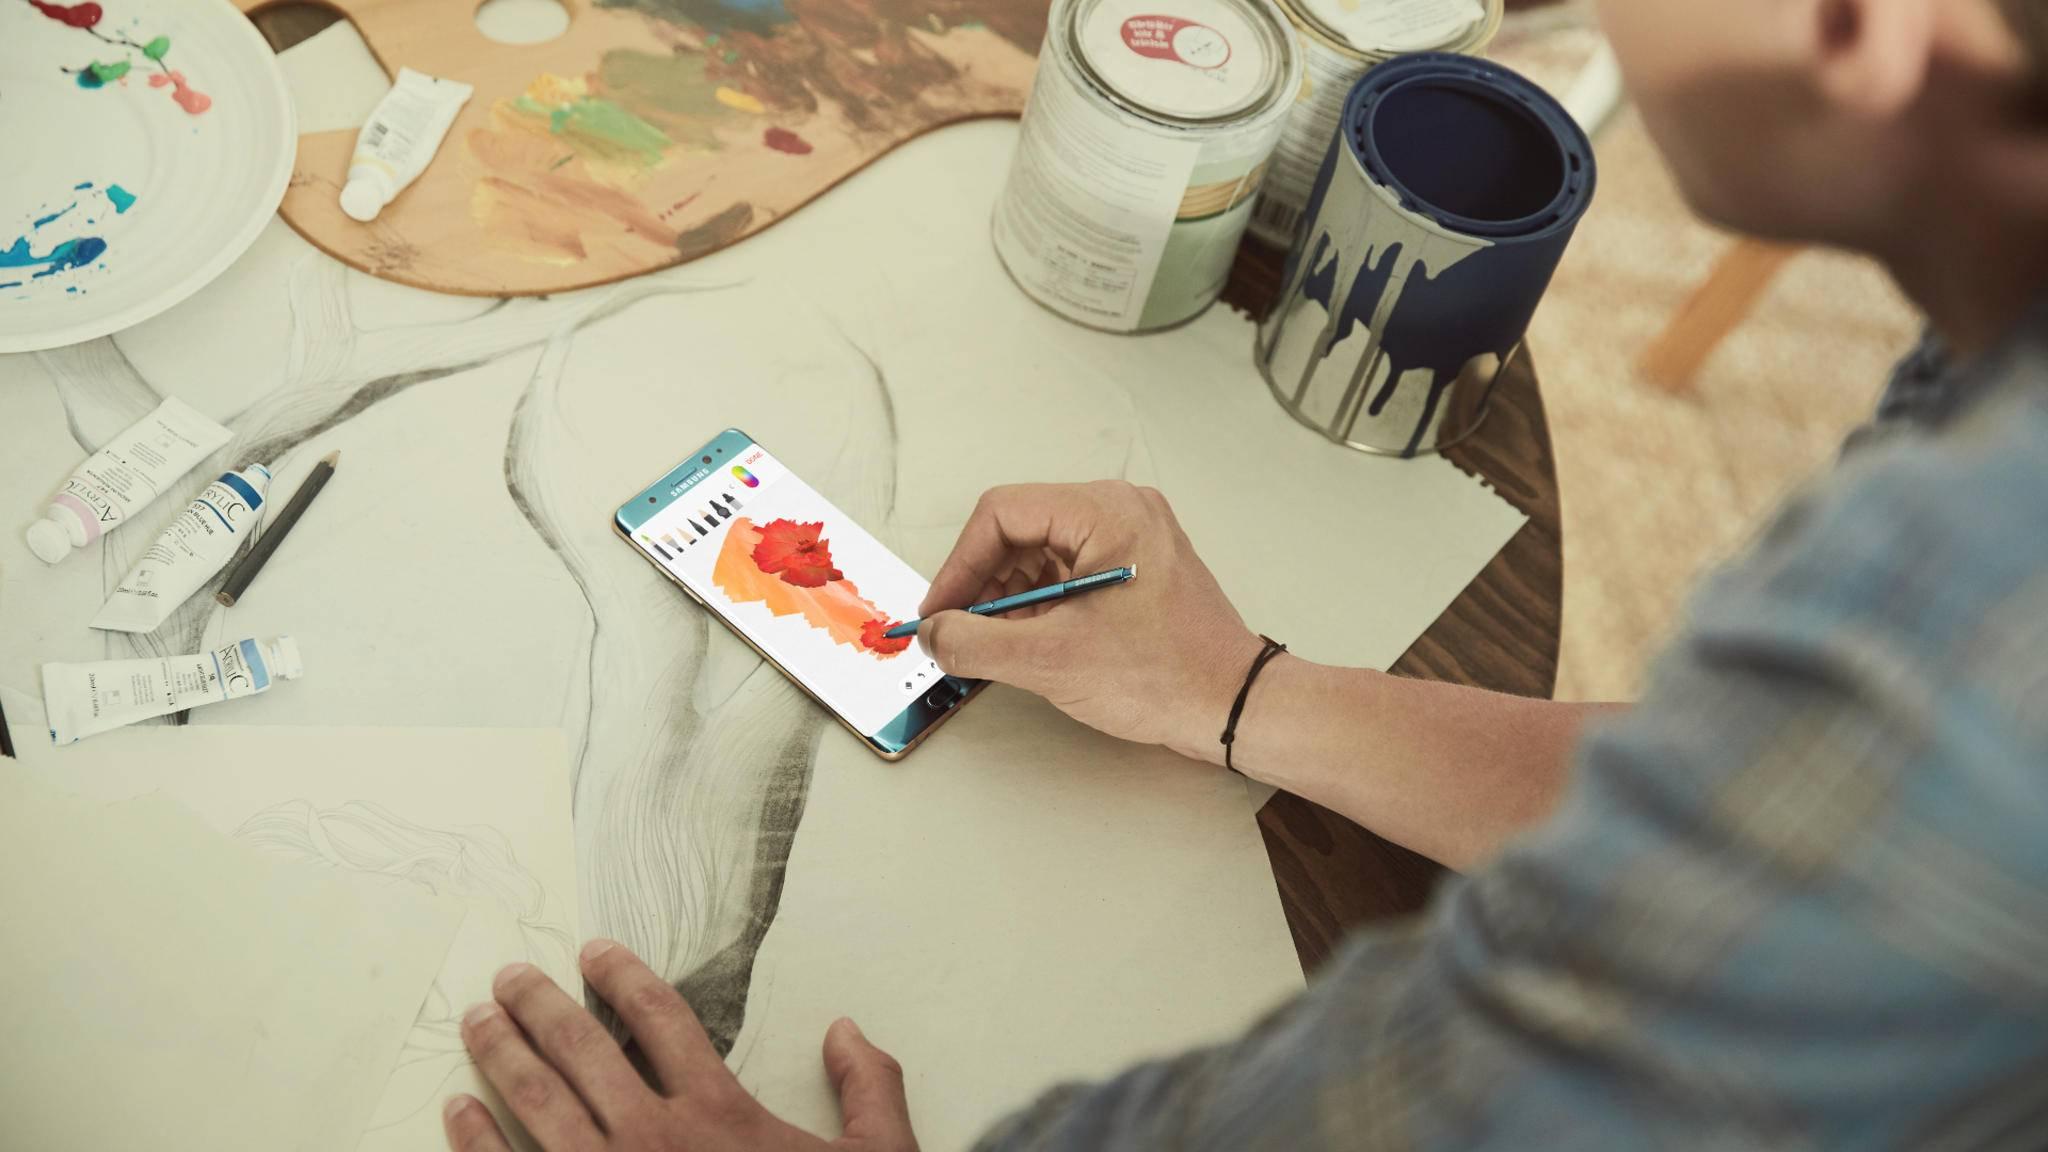 Bei dem angekündigten Flaggschiff für die zweite Jahreshälfte dürfte es sich um den Nachfolger des Galaxy Note 7 handeln.